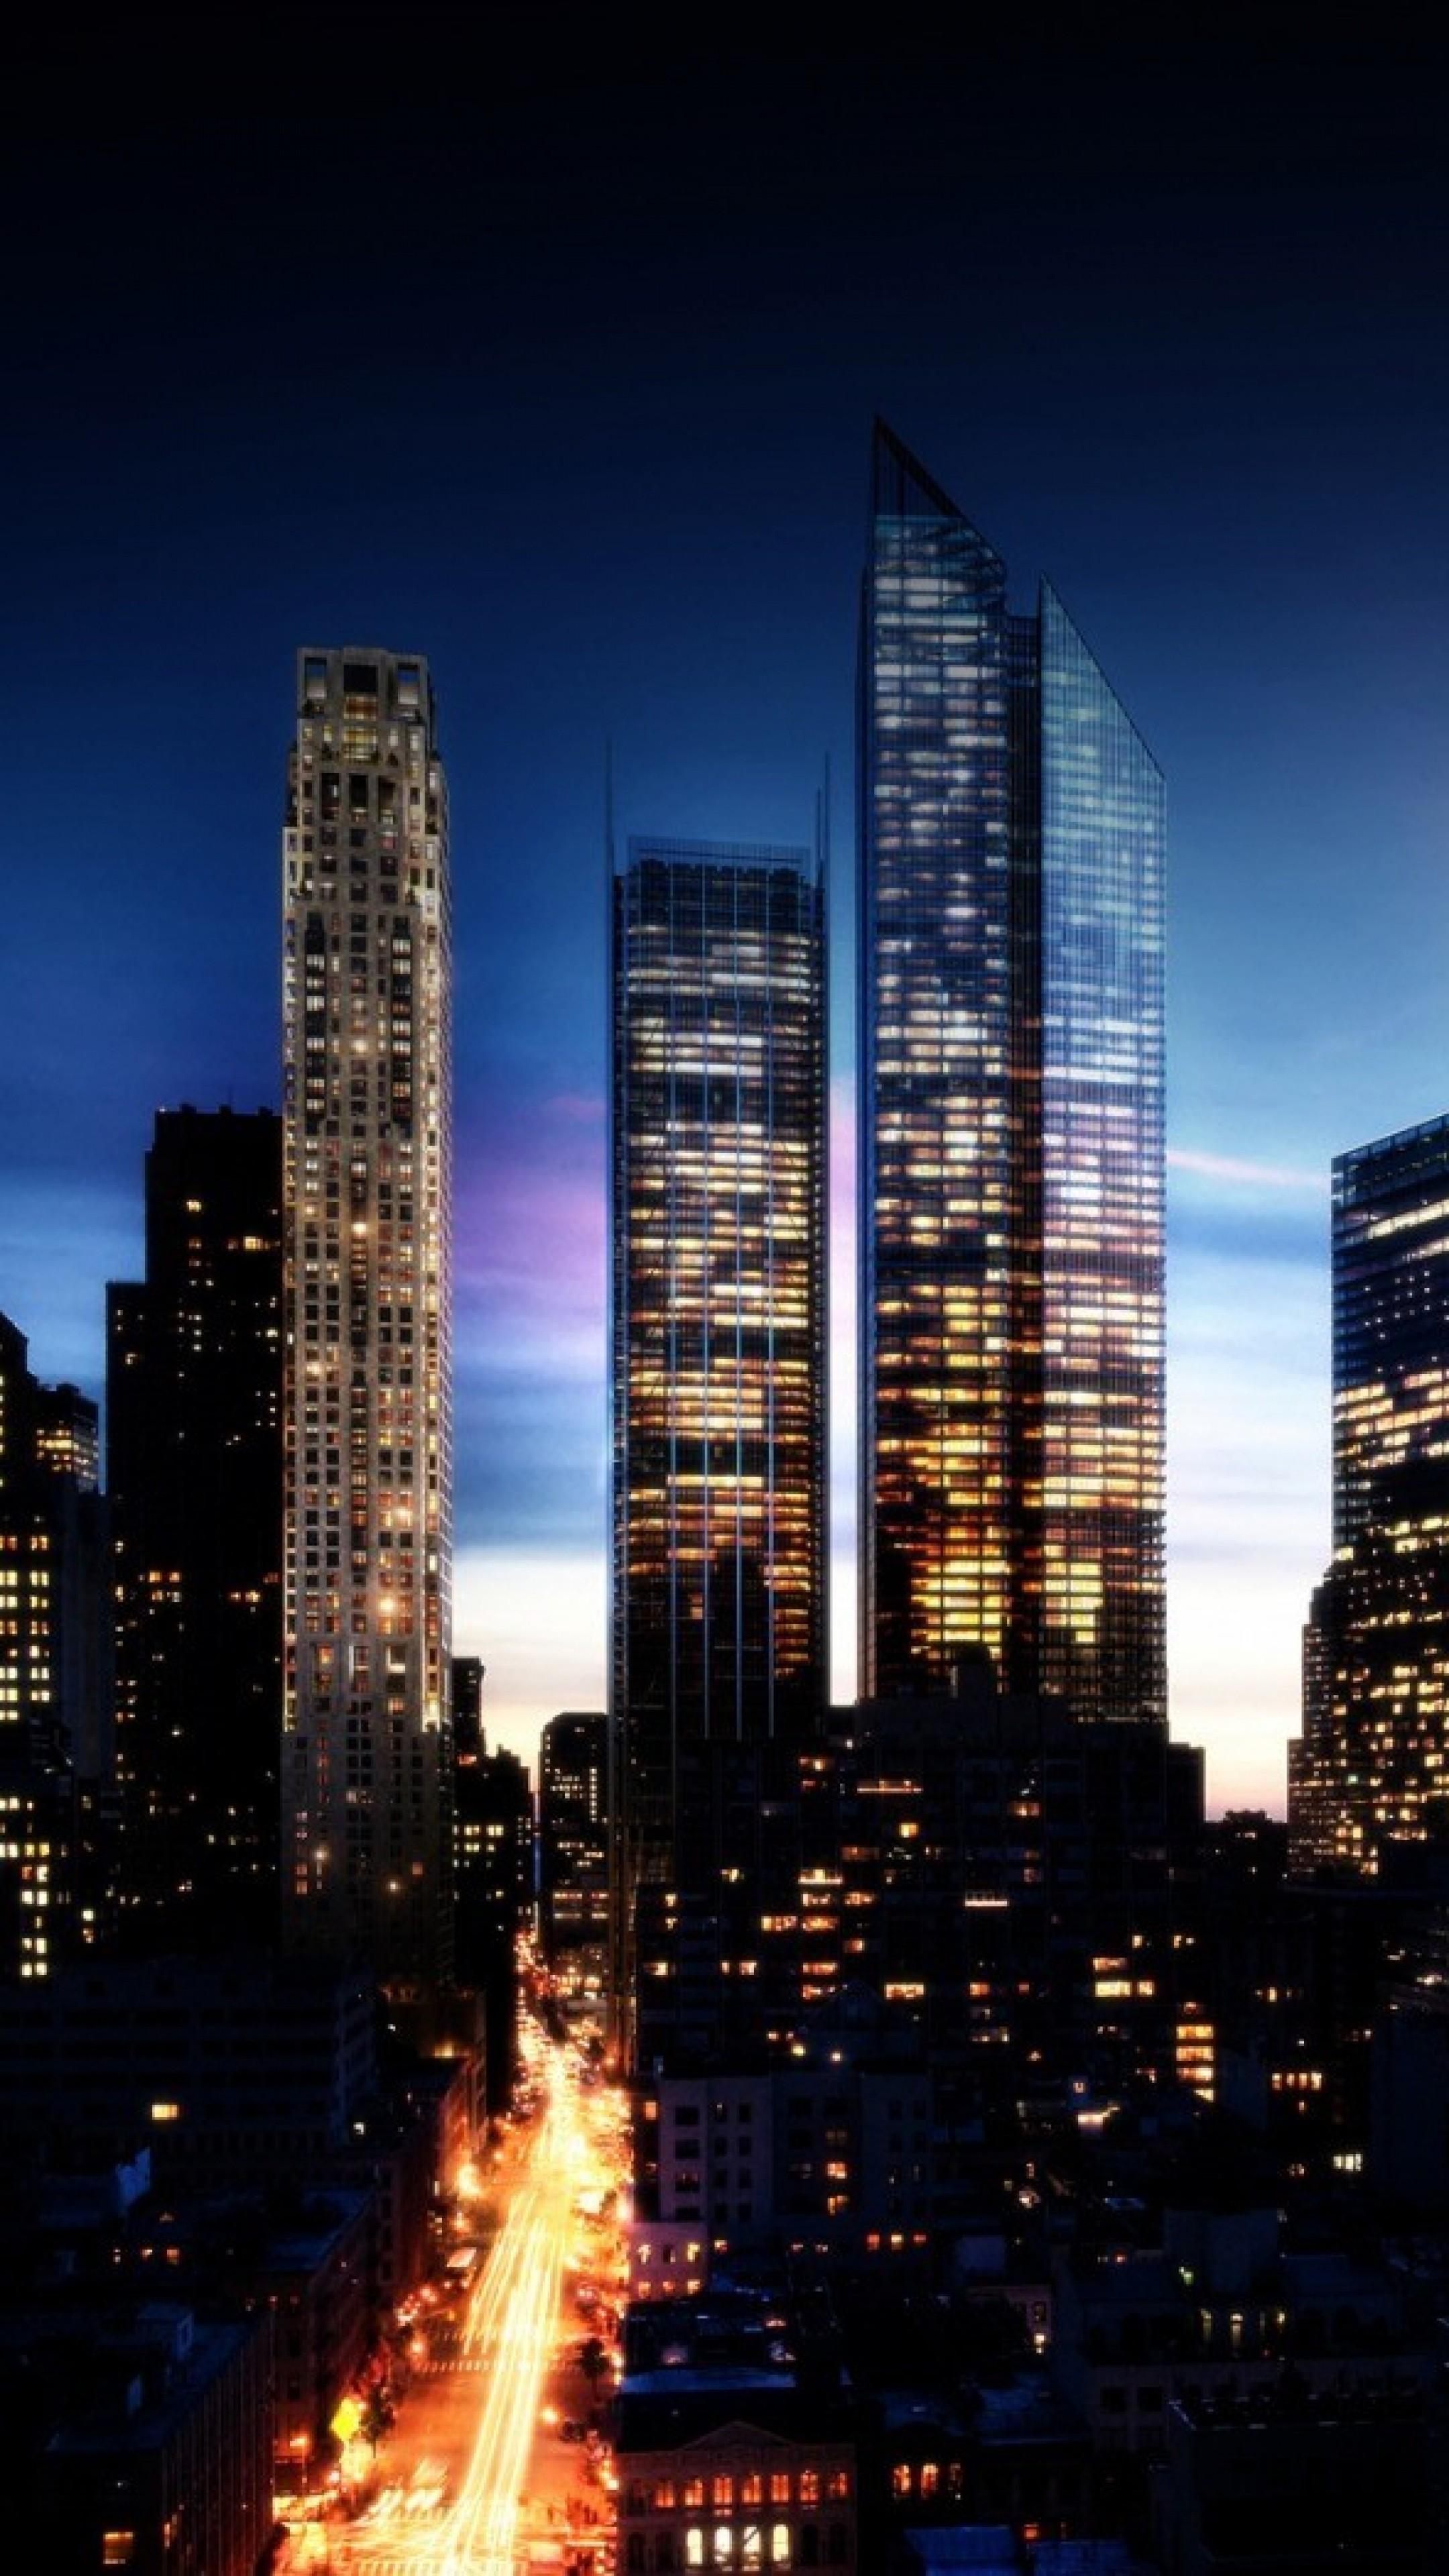 Wallpaper city, night, lights, city lights, buildings, sky